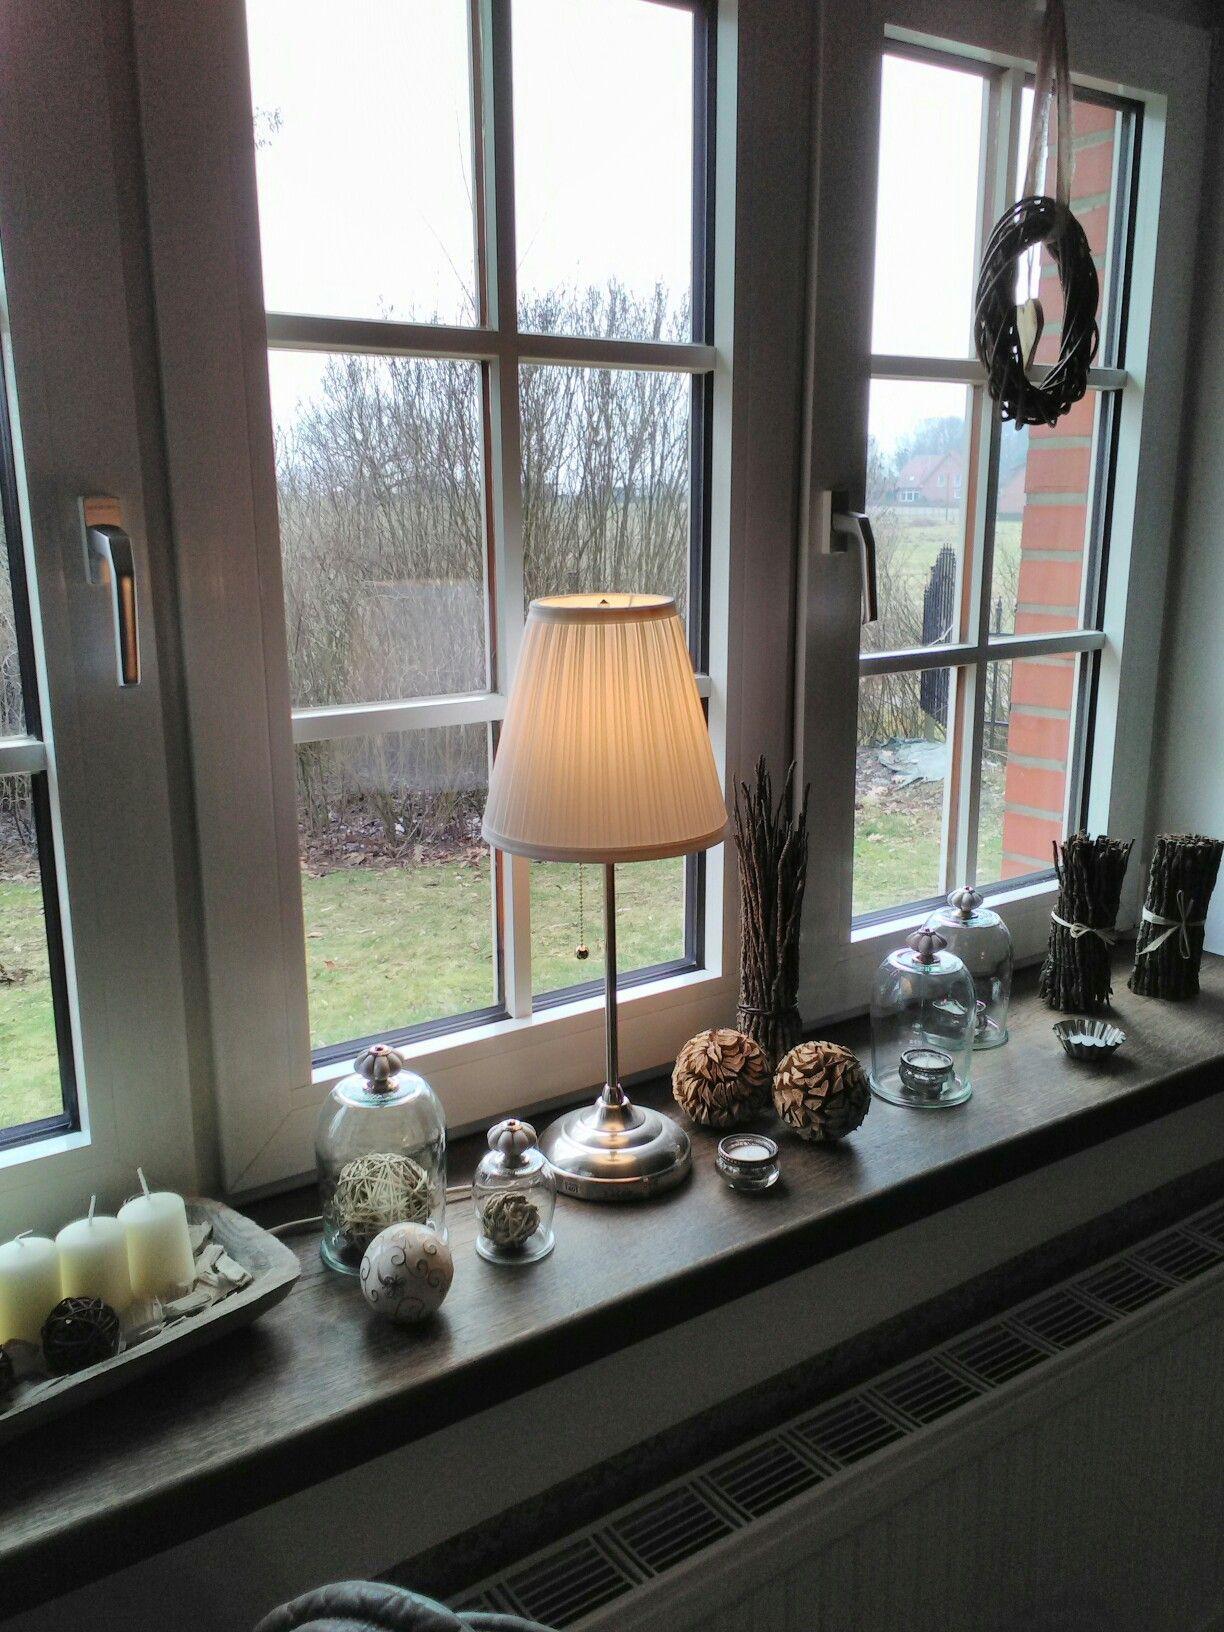 Full Size of Fensterbank Fenster Dekorieren Wohnzimmer Fensterbank Dekorieren